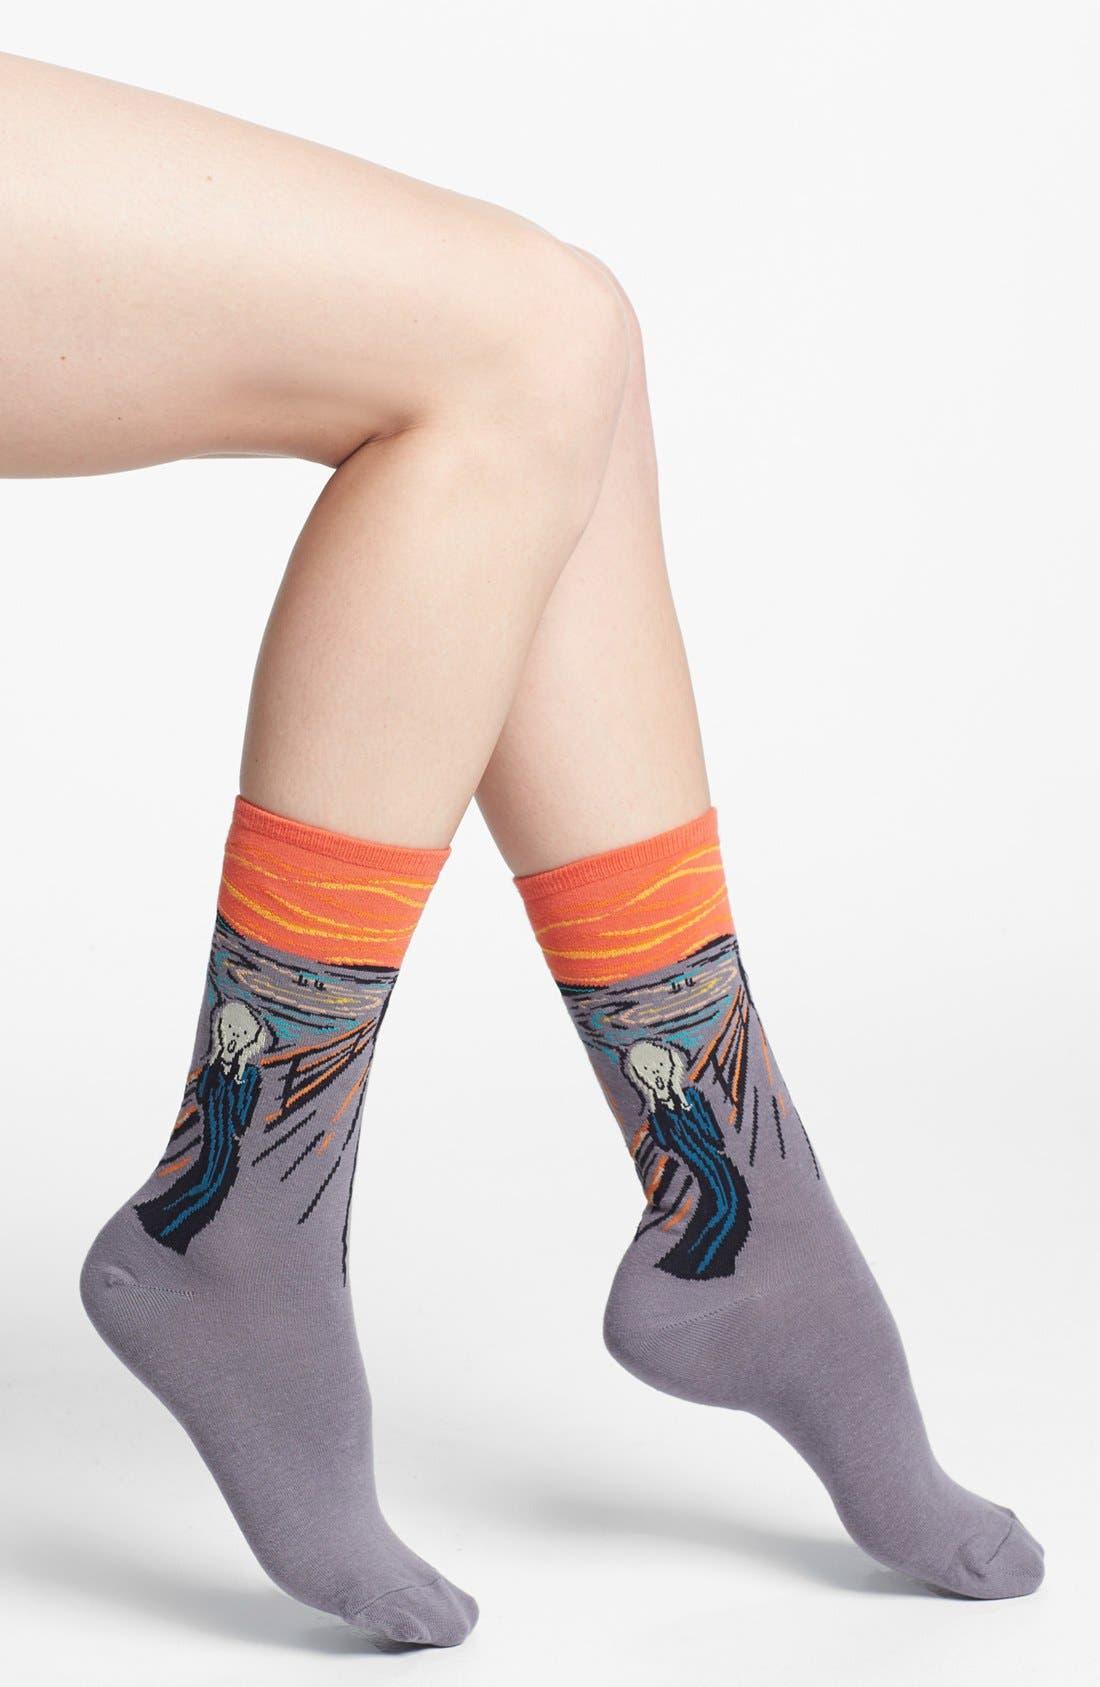 Main Image - Hot Sox 'Scream' Socks